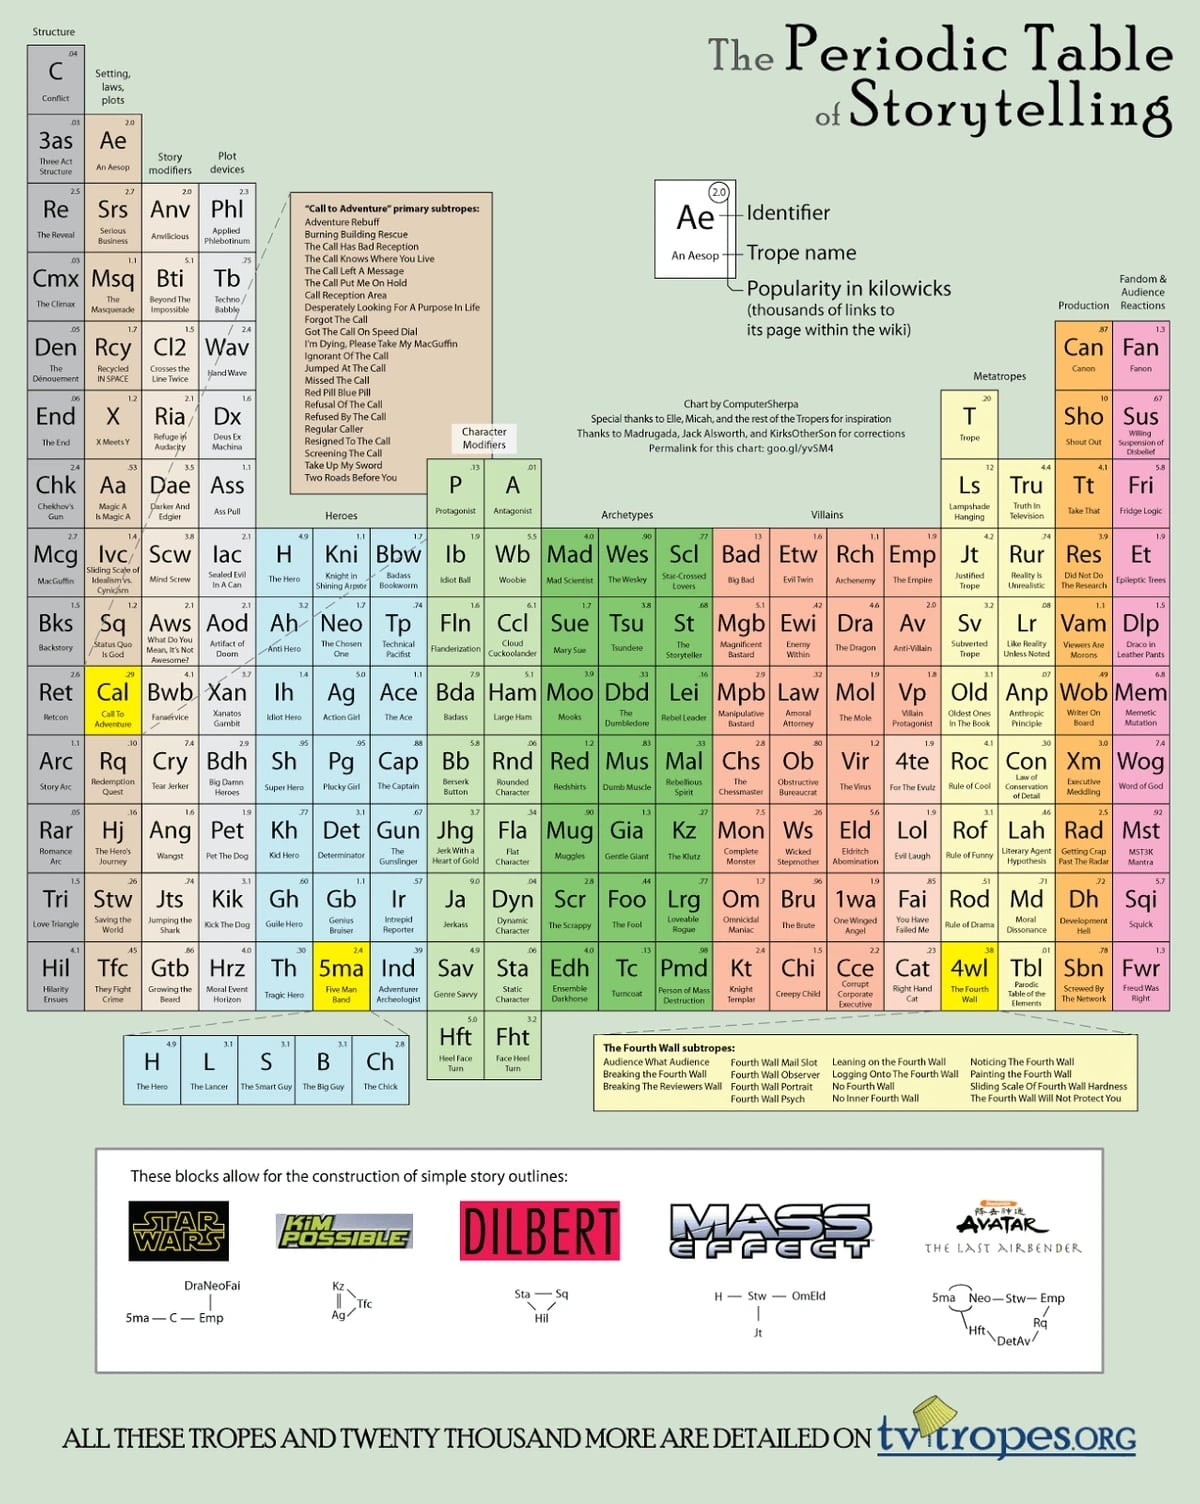 Периодическая таблица сторителлинга